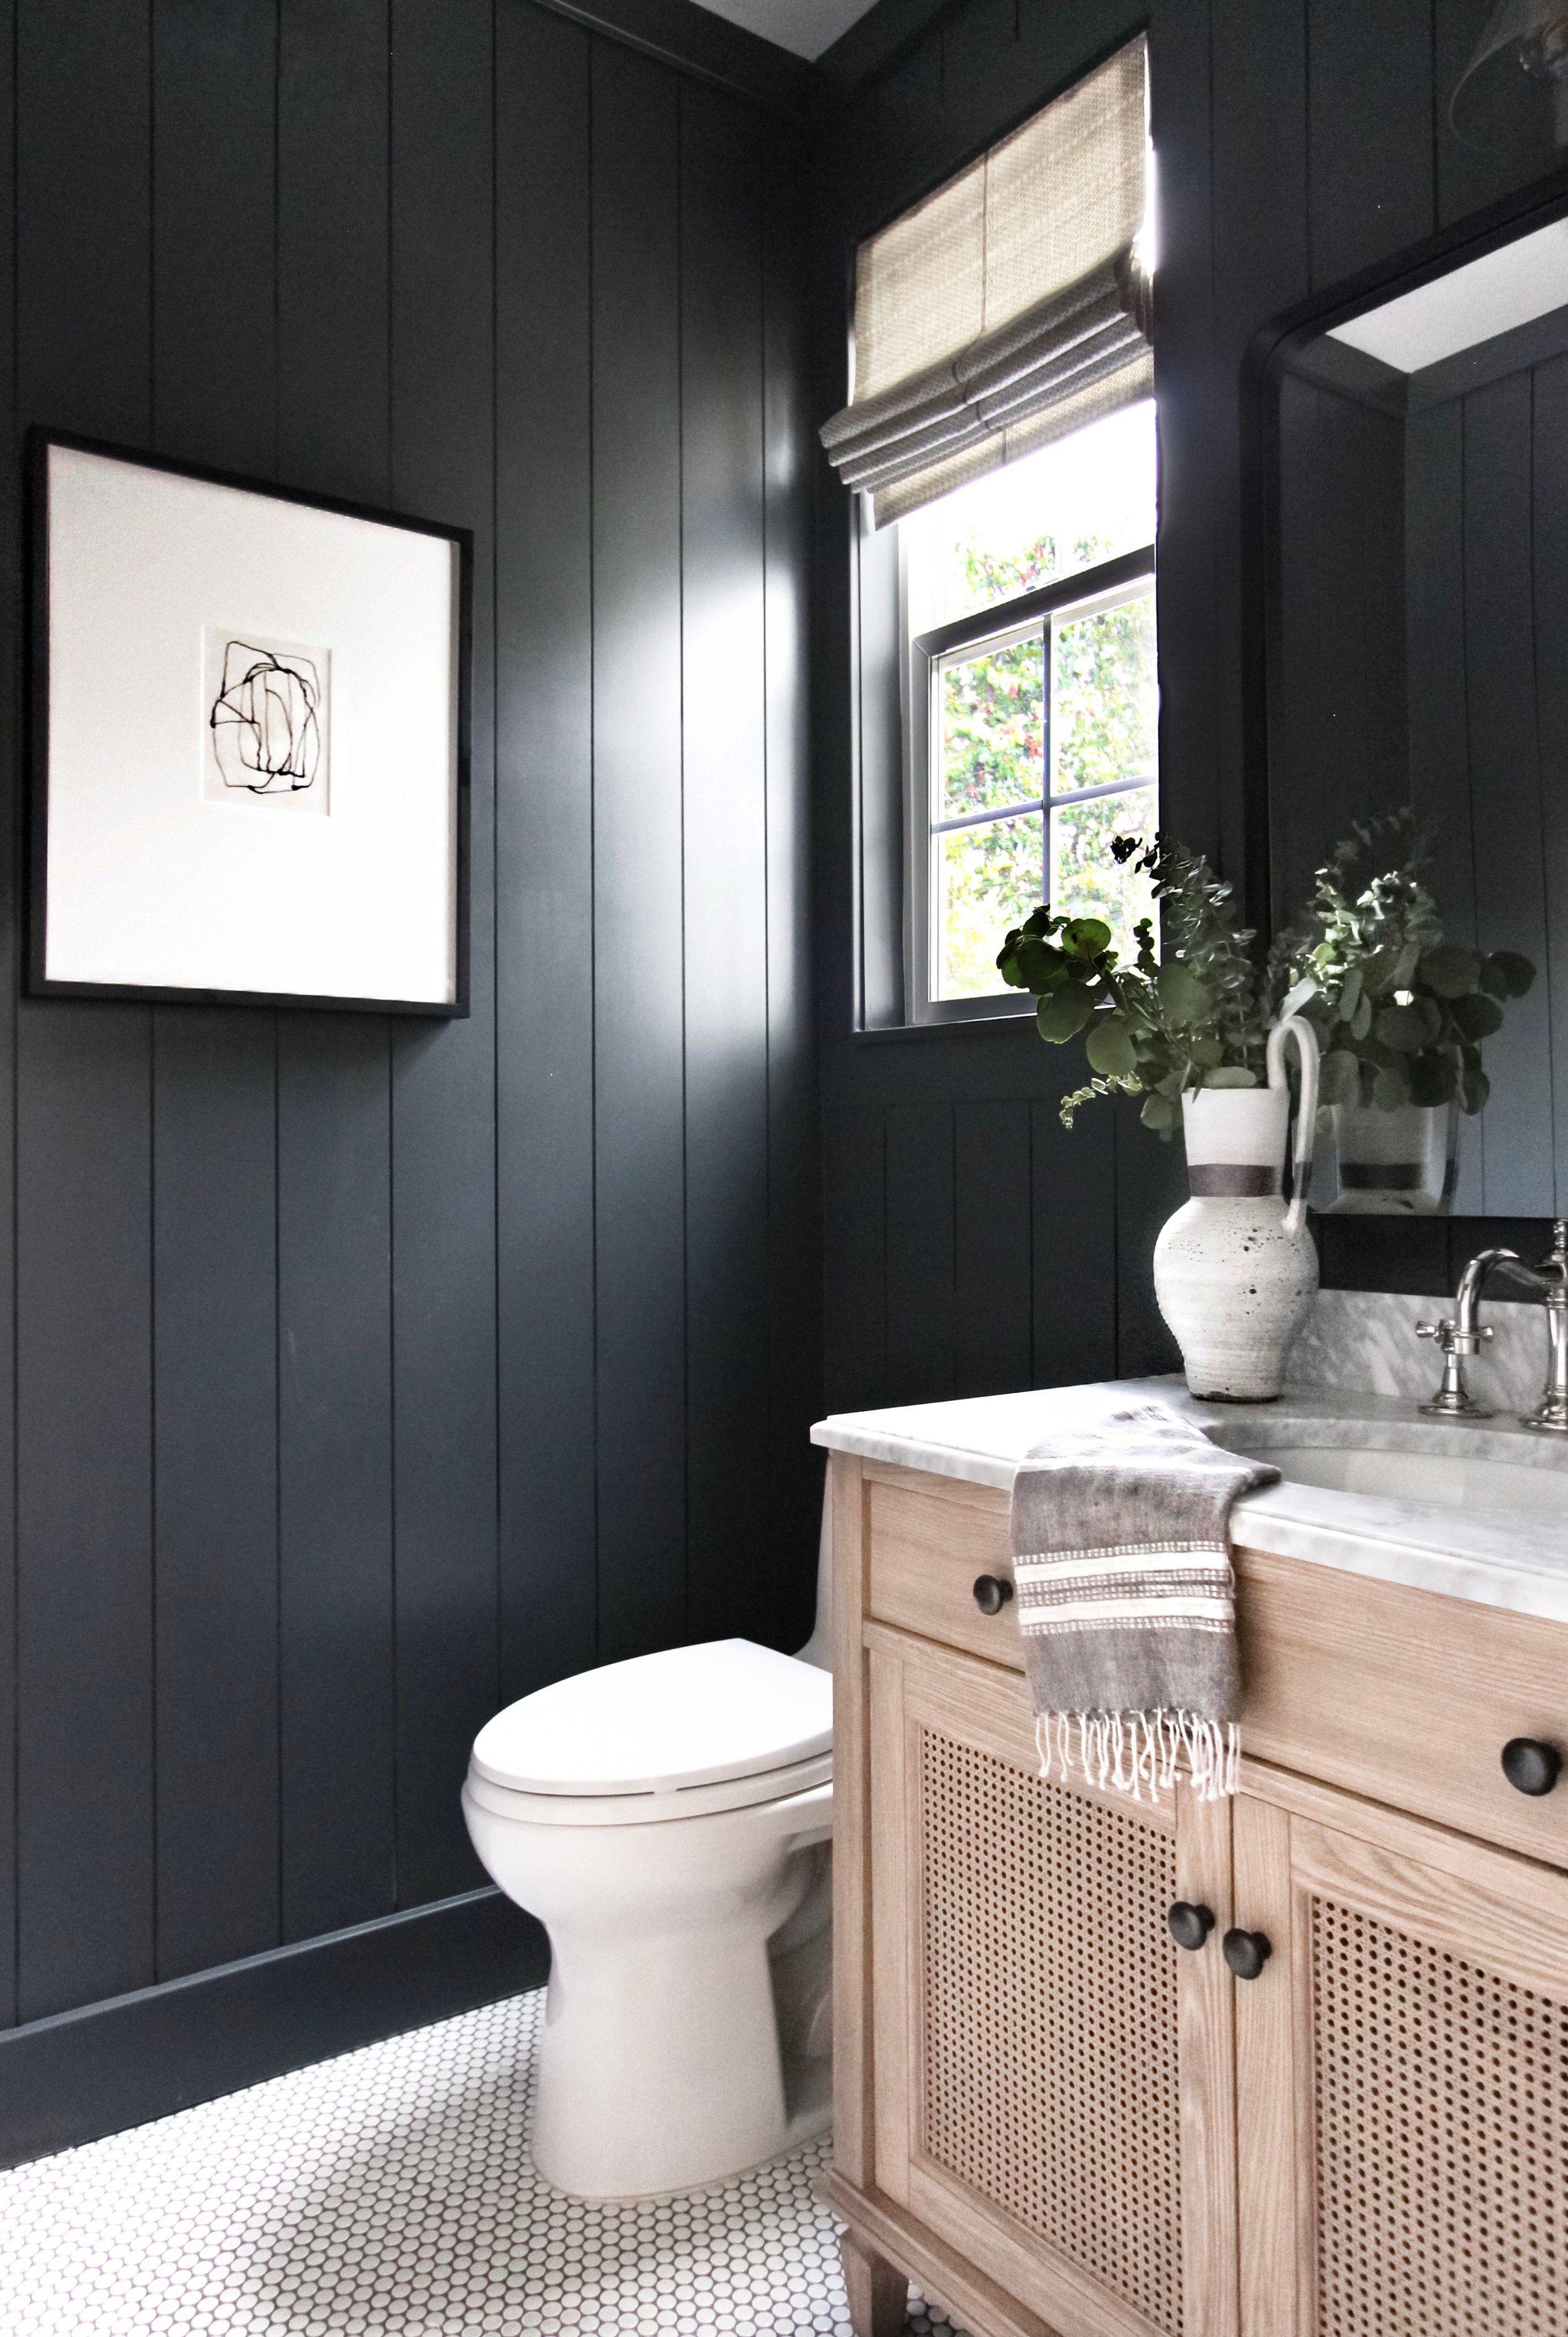 Black Bathroom With White Penny Tile Badezimmer Einrichtung Badezimmer Schwarz Schwarzes Badezimmer